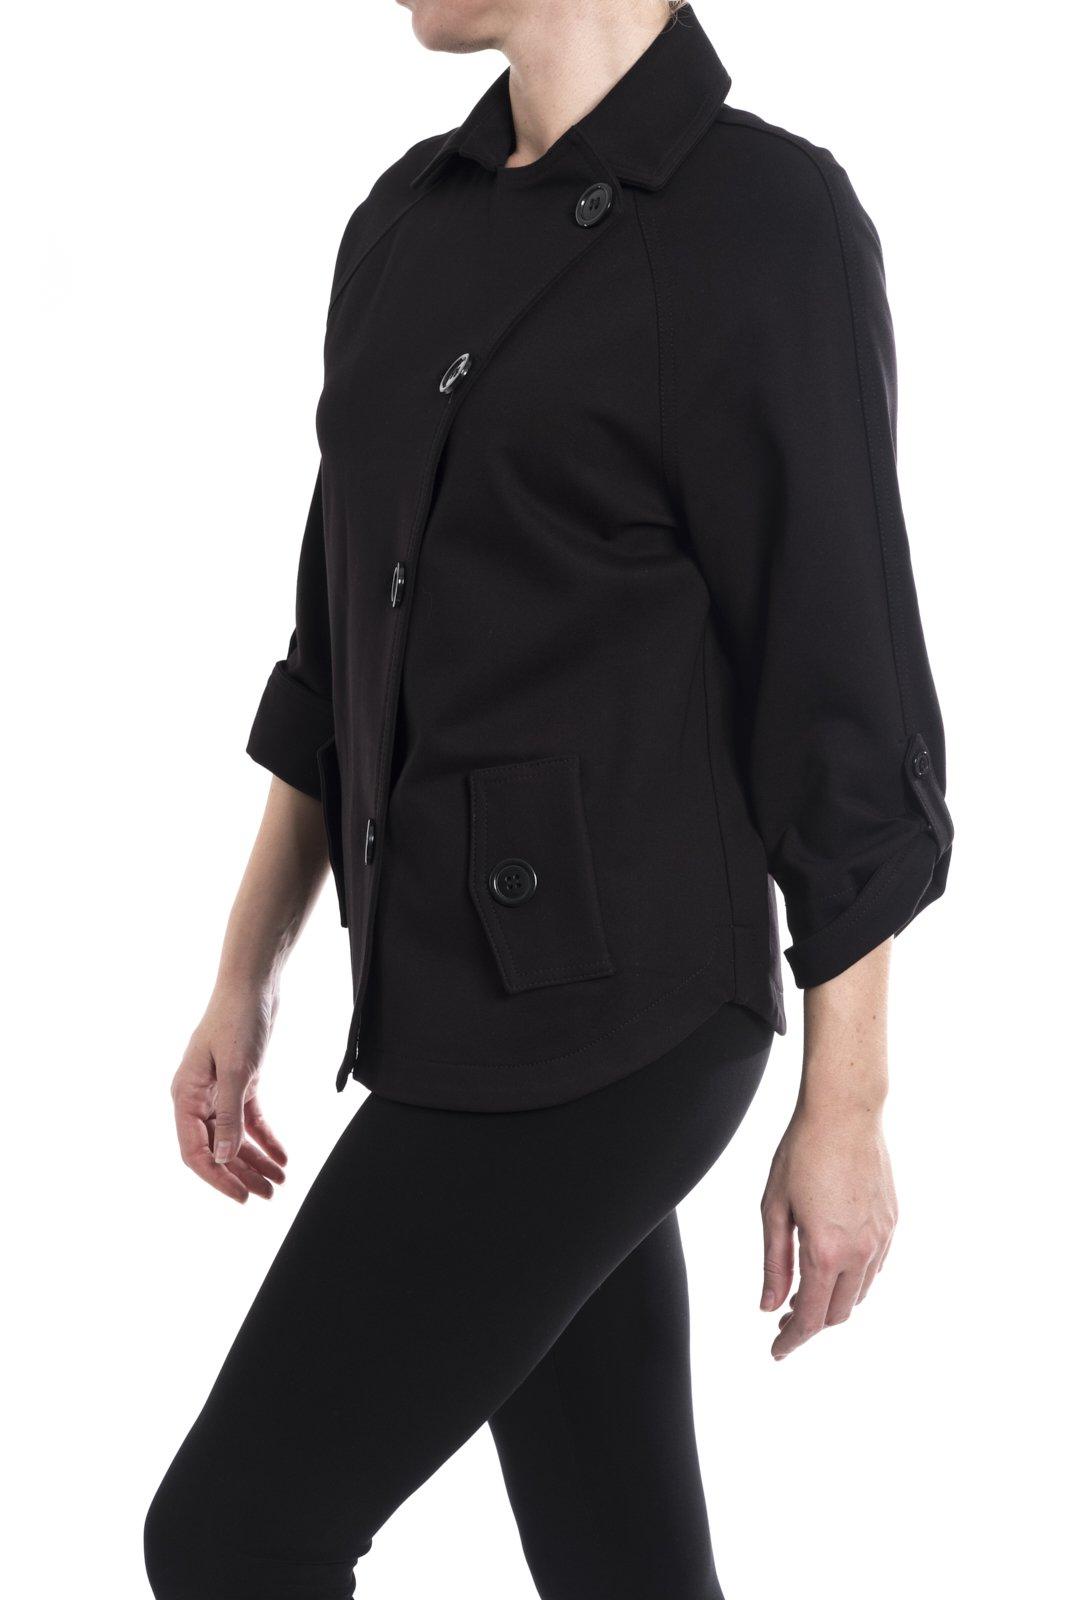 Joseph Ribkoff Black Double Breasted Jacket Style 174304 Size 12